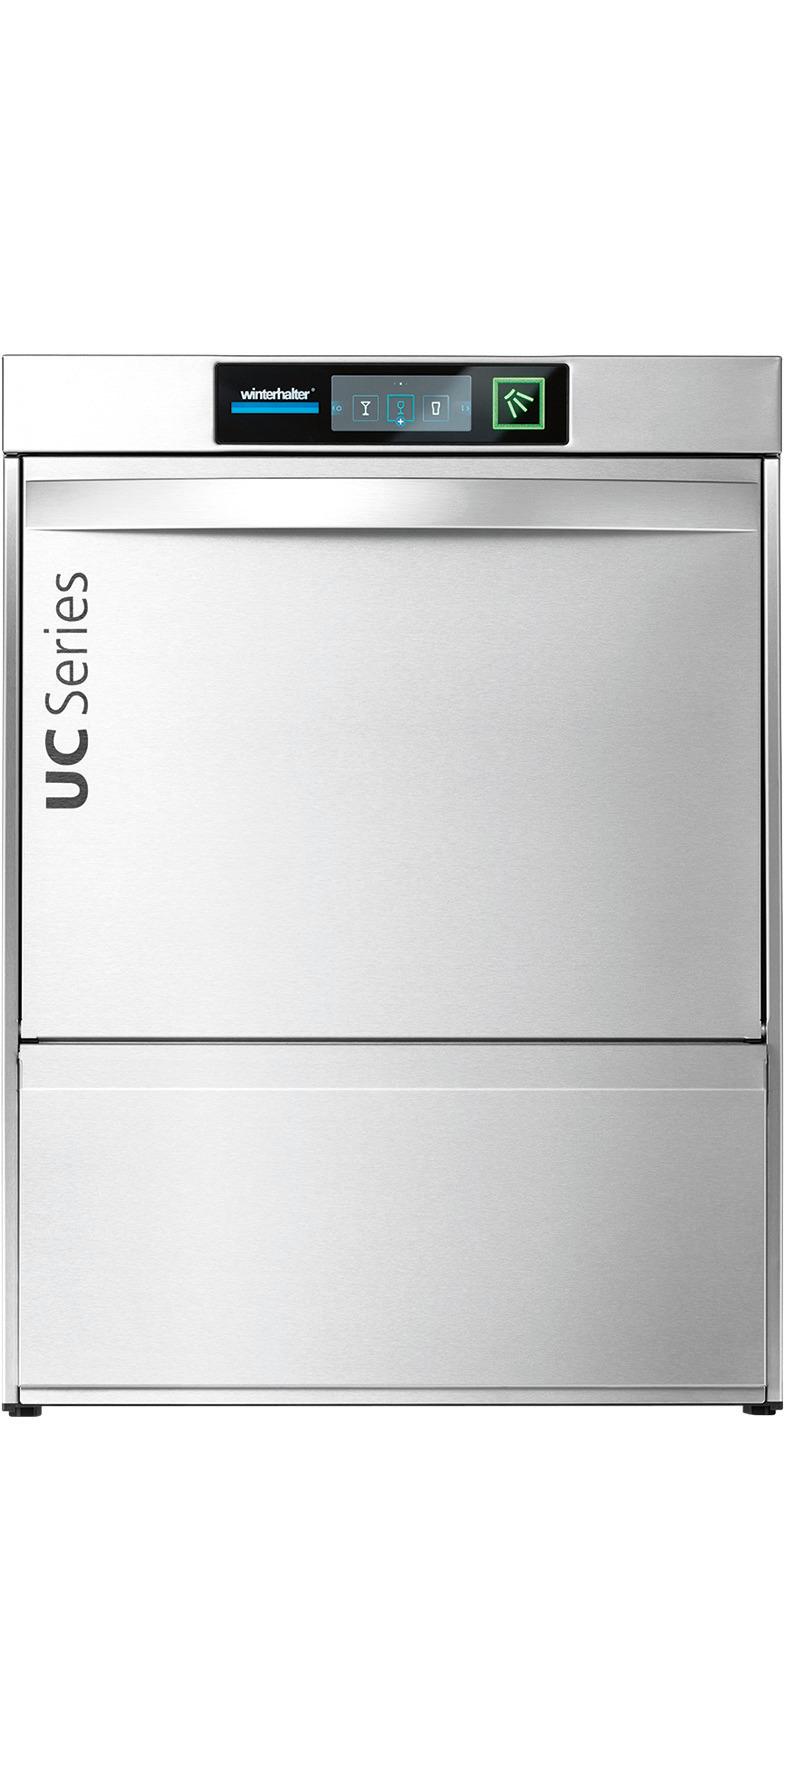 Geschirrspülmaschine UC-L / 500 x 500 mm / mit Enthärter + Chemiebehälter / 400 V